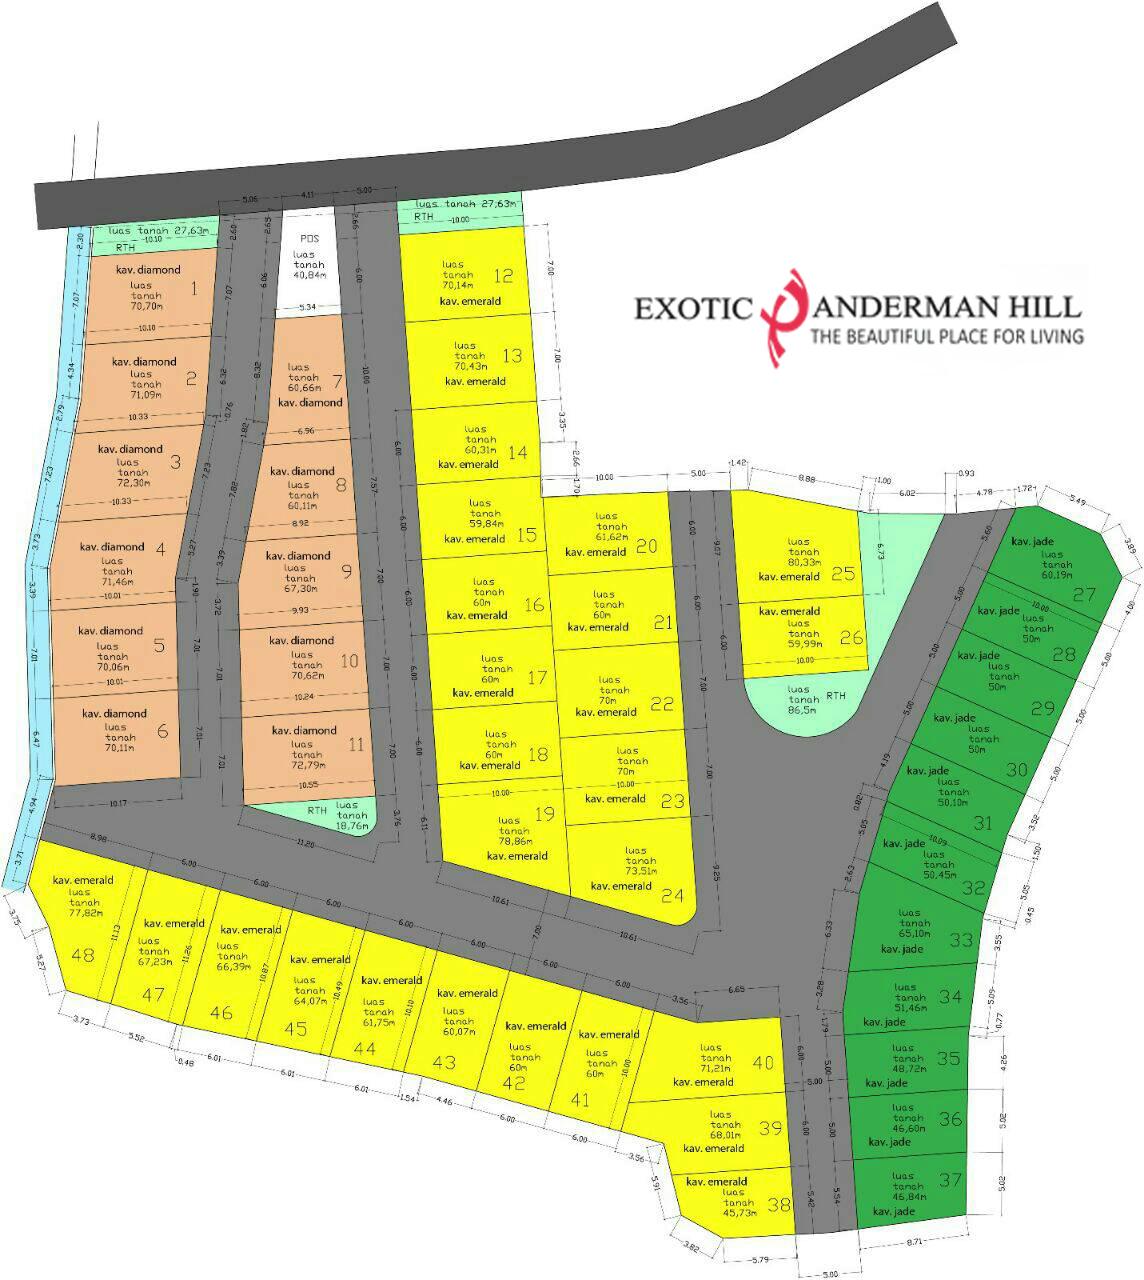 Ini adalah masterplan Exotic Panderman Hill denah dan dimensi panjang, lebar, luas kavling tiap cluster.